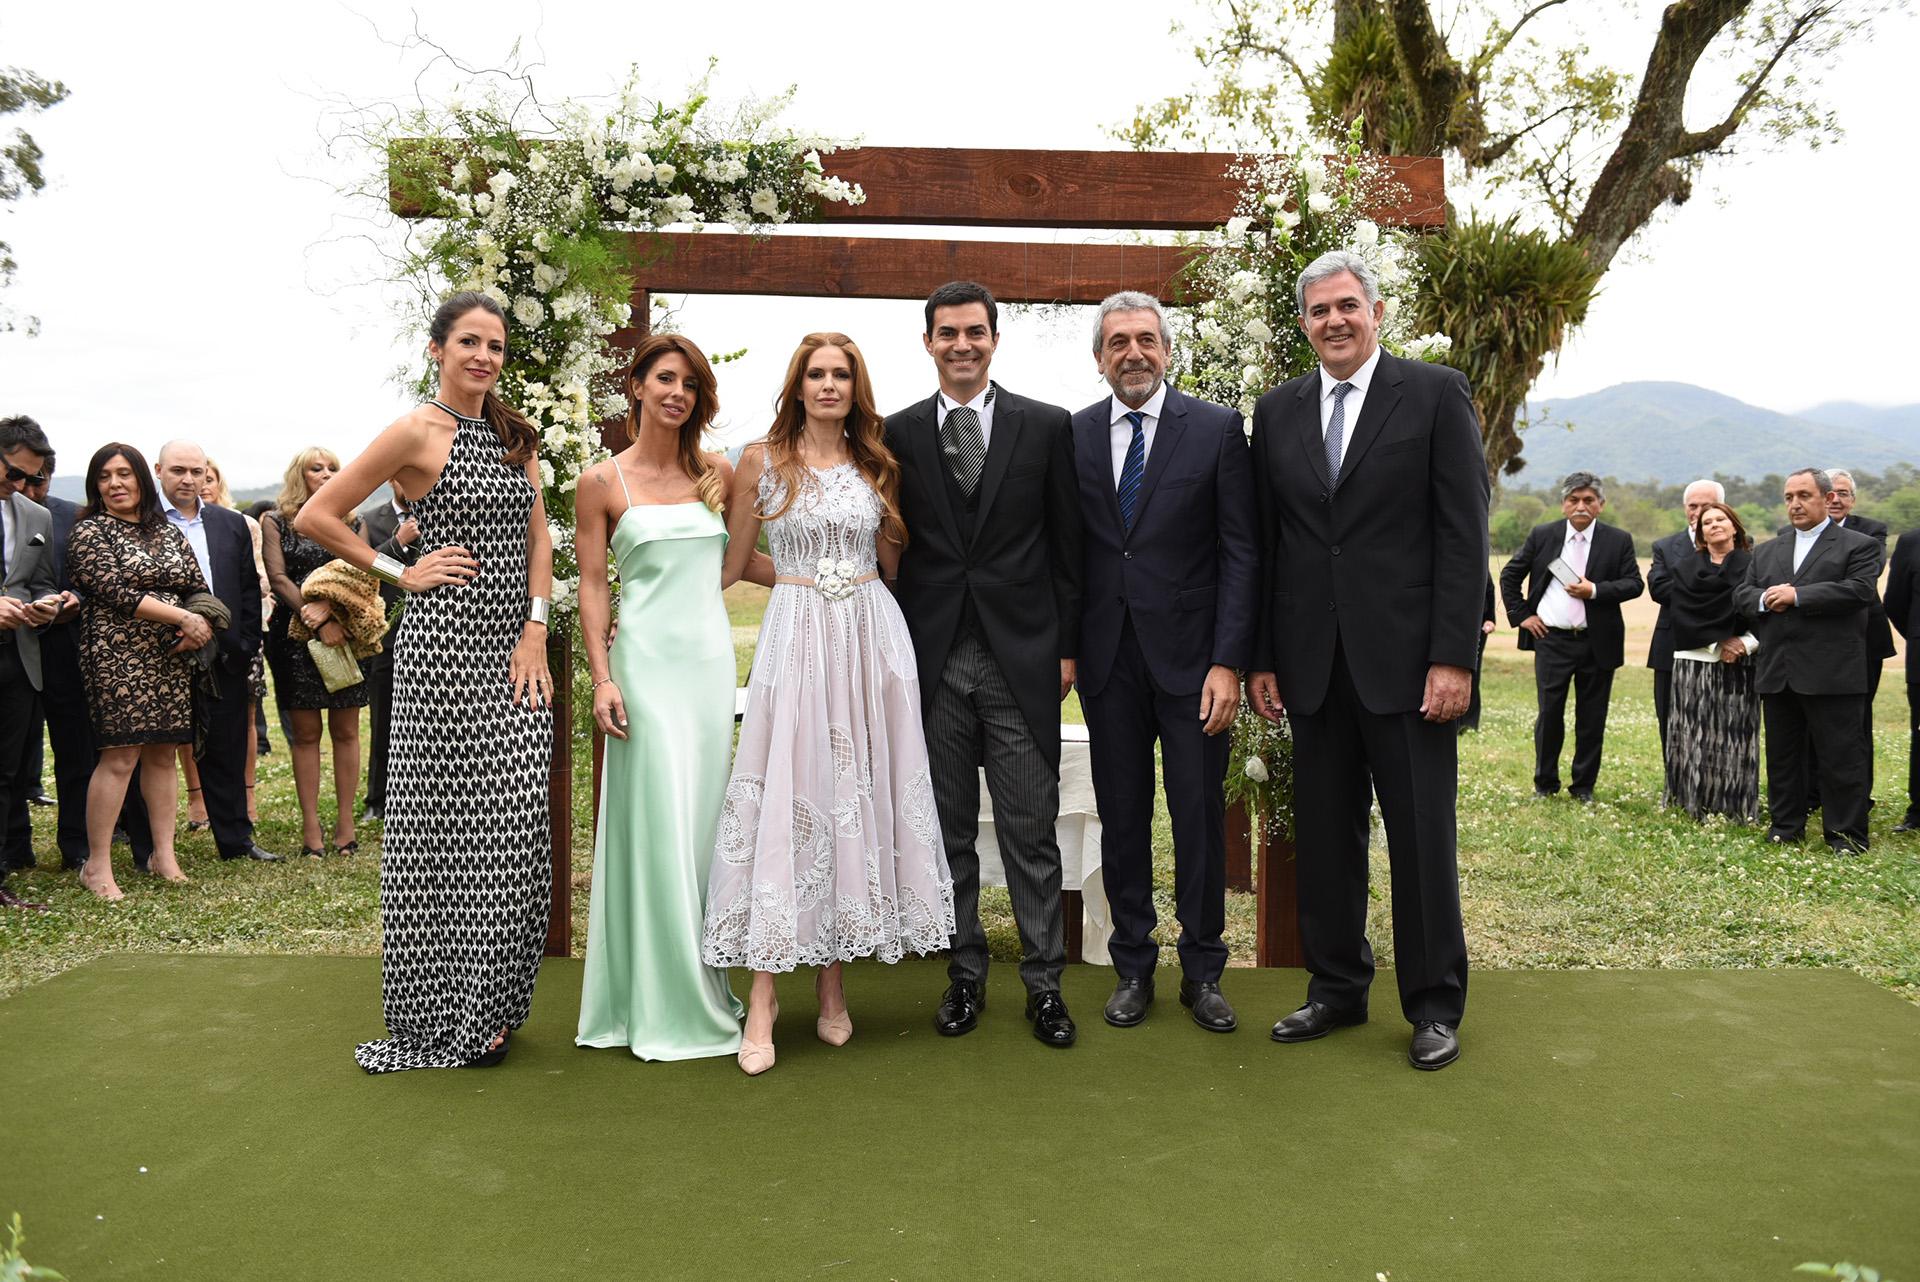 Los novios junto a los testigos: Agustina Lecouna, Milagros Brito, Daniel Awada y Facundo Urtubey